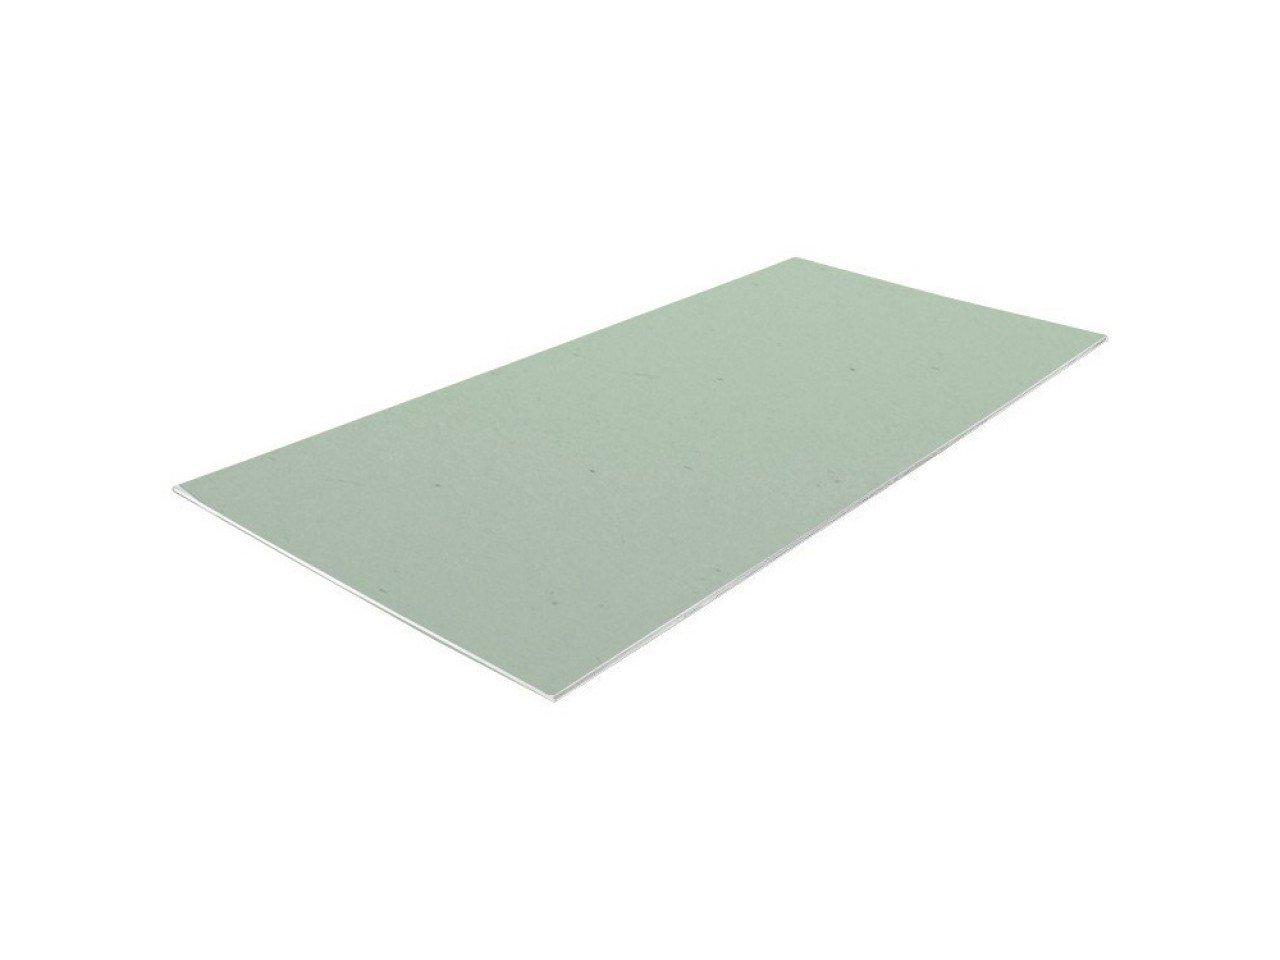 Гипсокартон стеновой влагостойкий KNAUF 12,5x1200x2500 мм